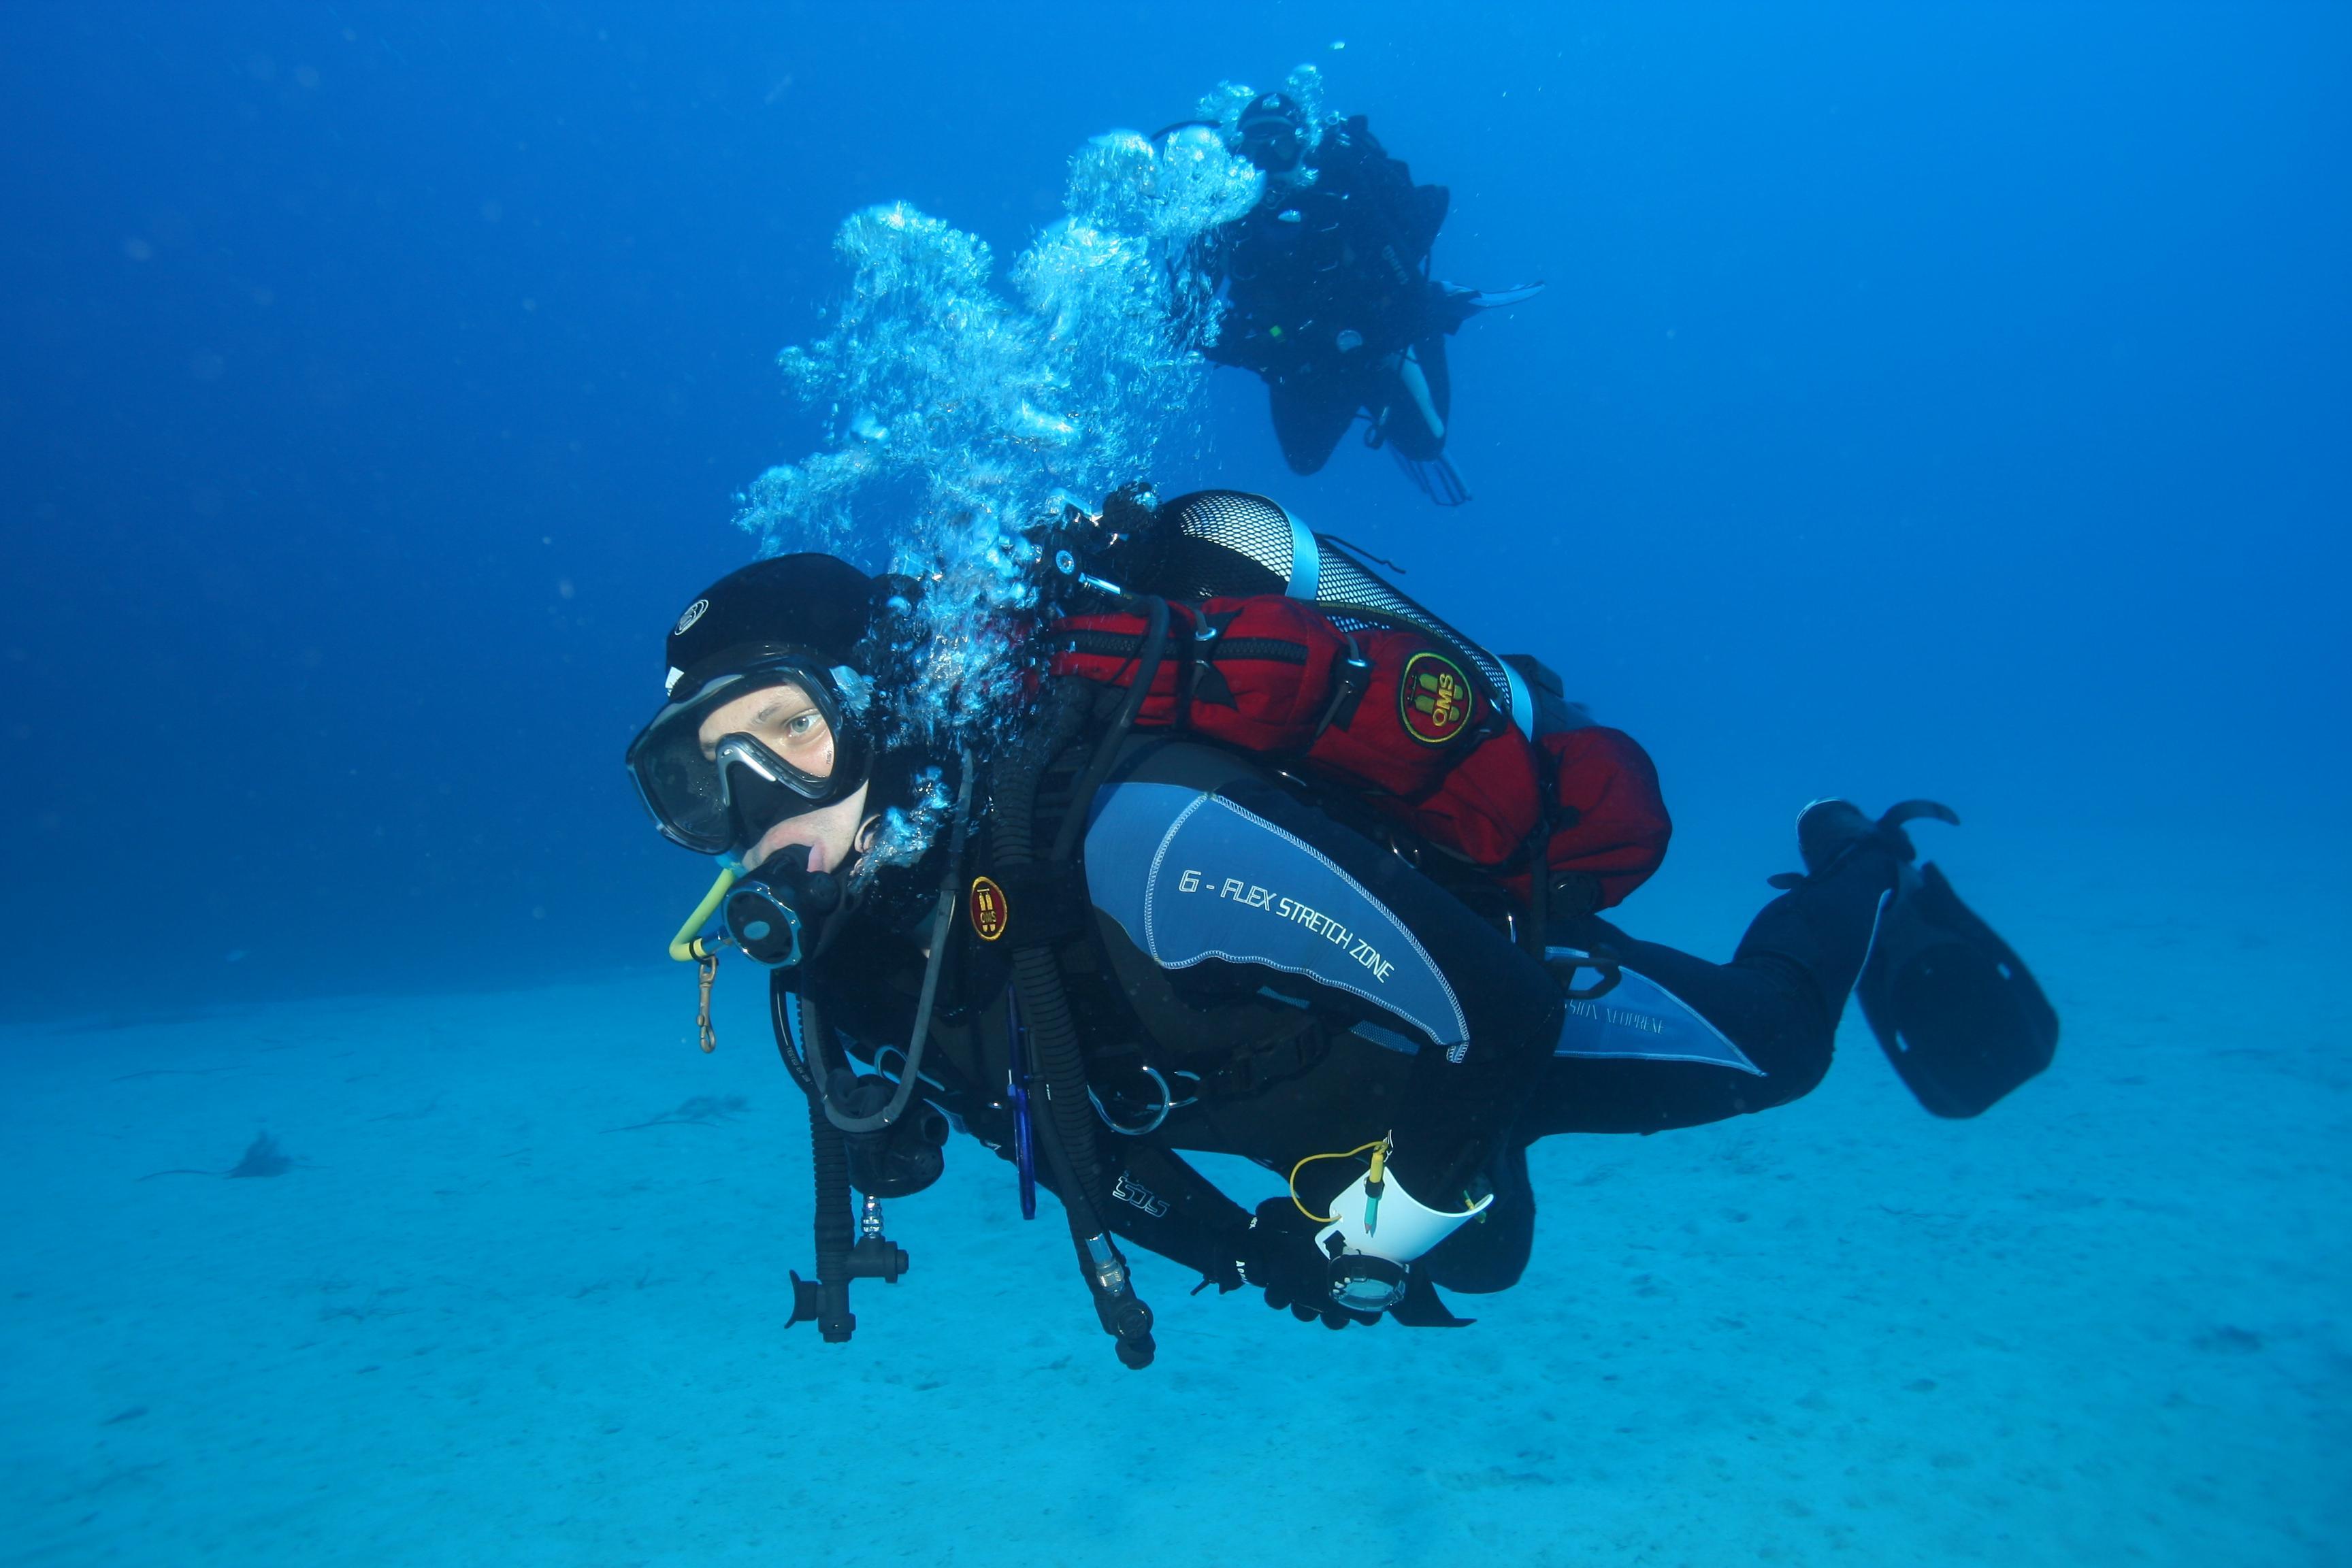 Процес обучения подводному дайвингу